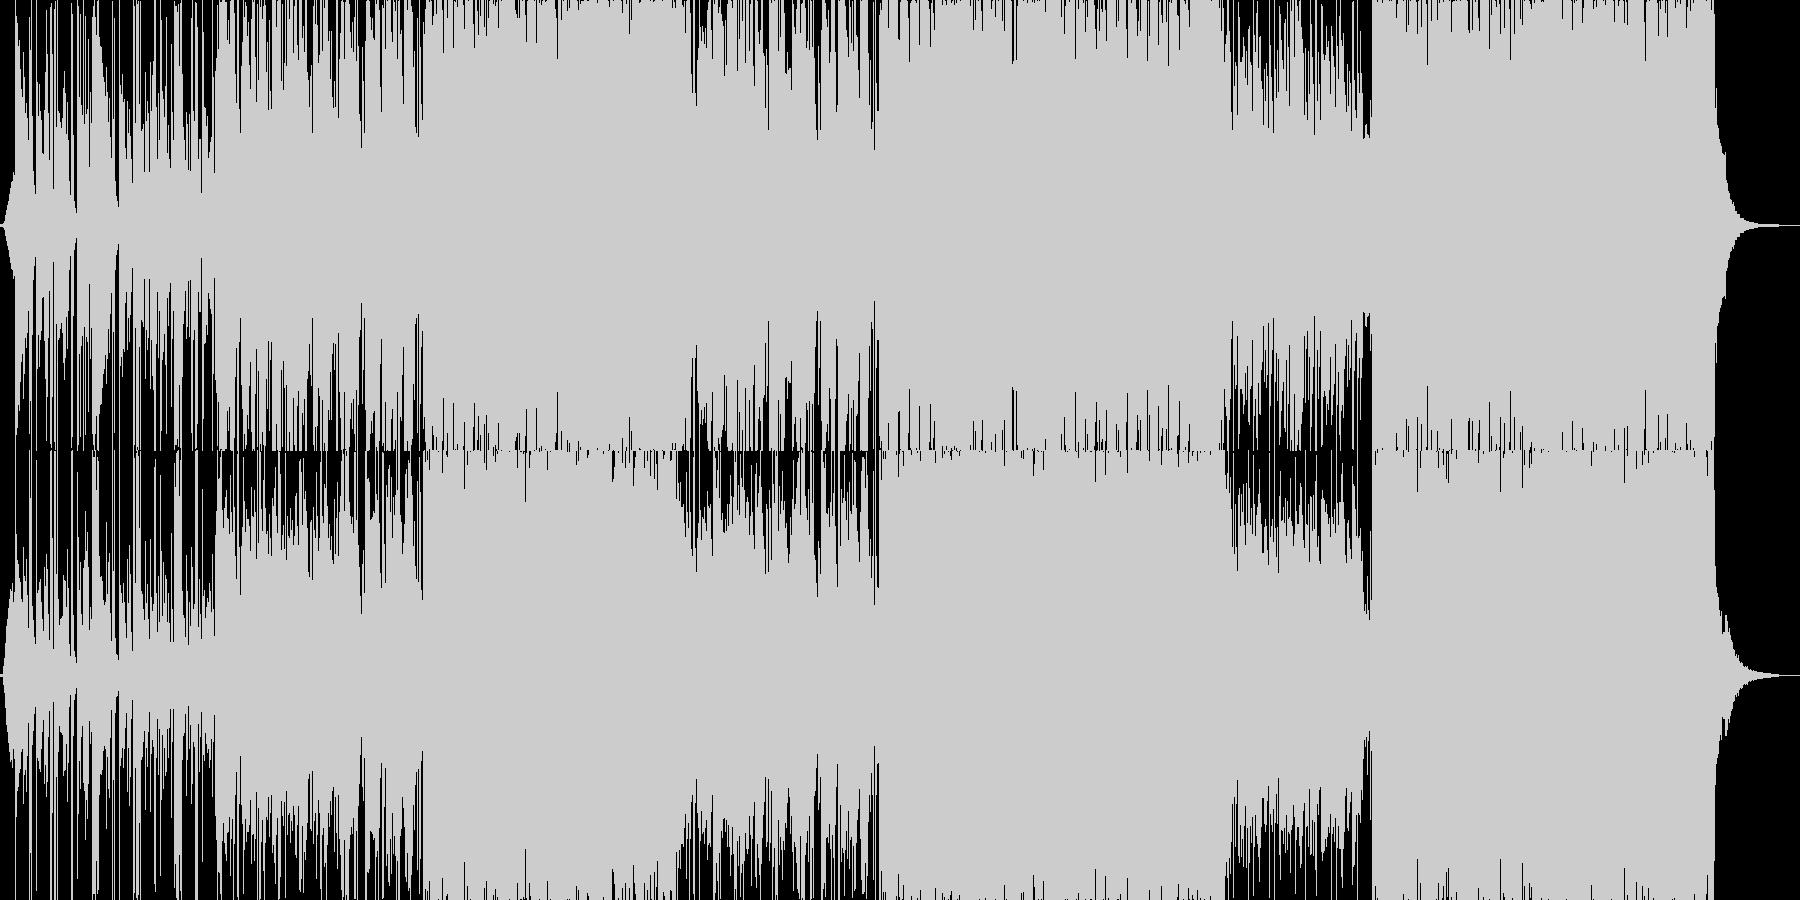 透明感のある和風、和楽器BGM B2の未再生の波形